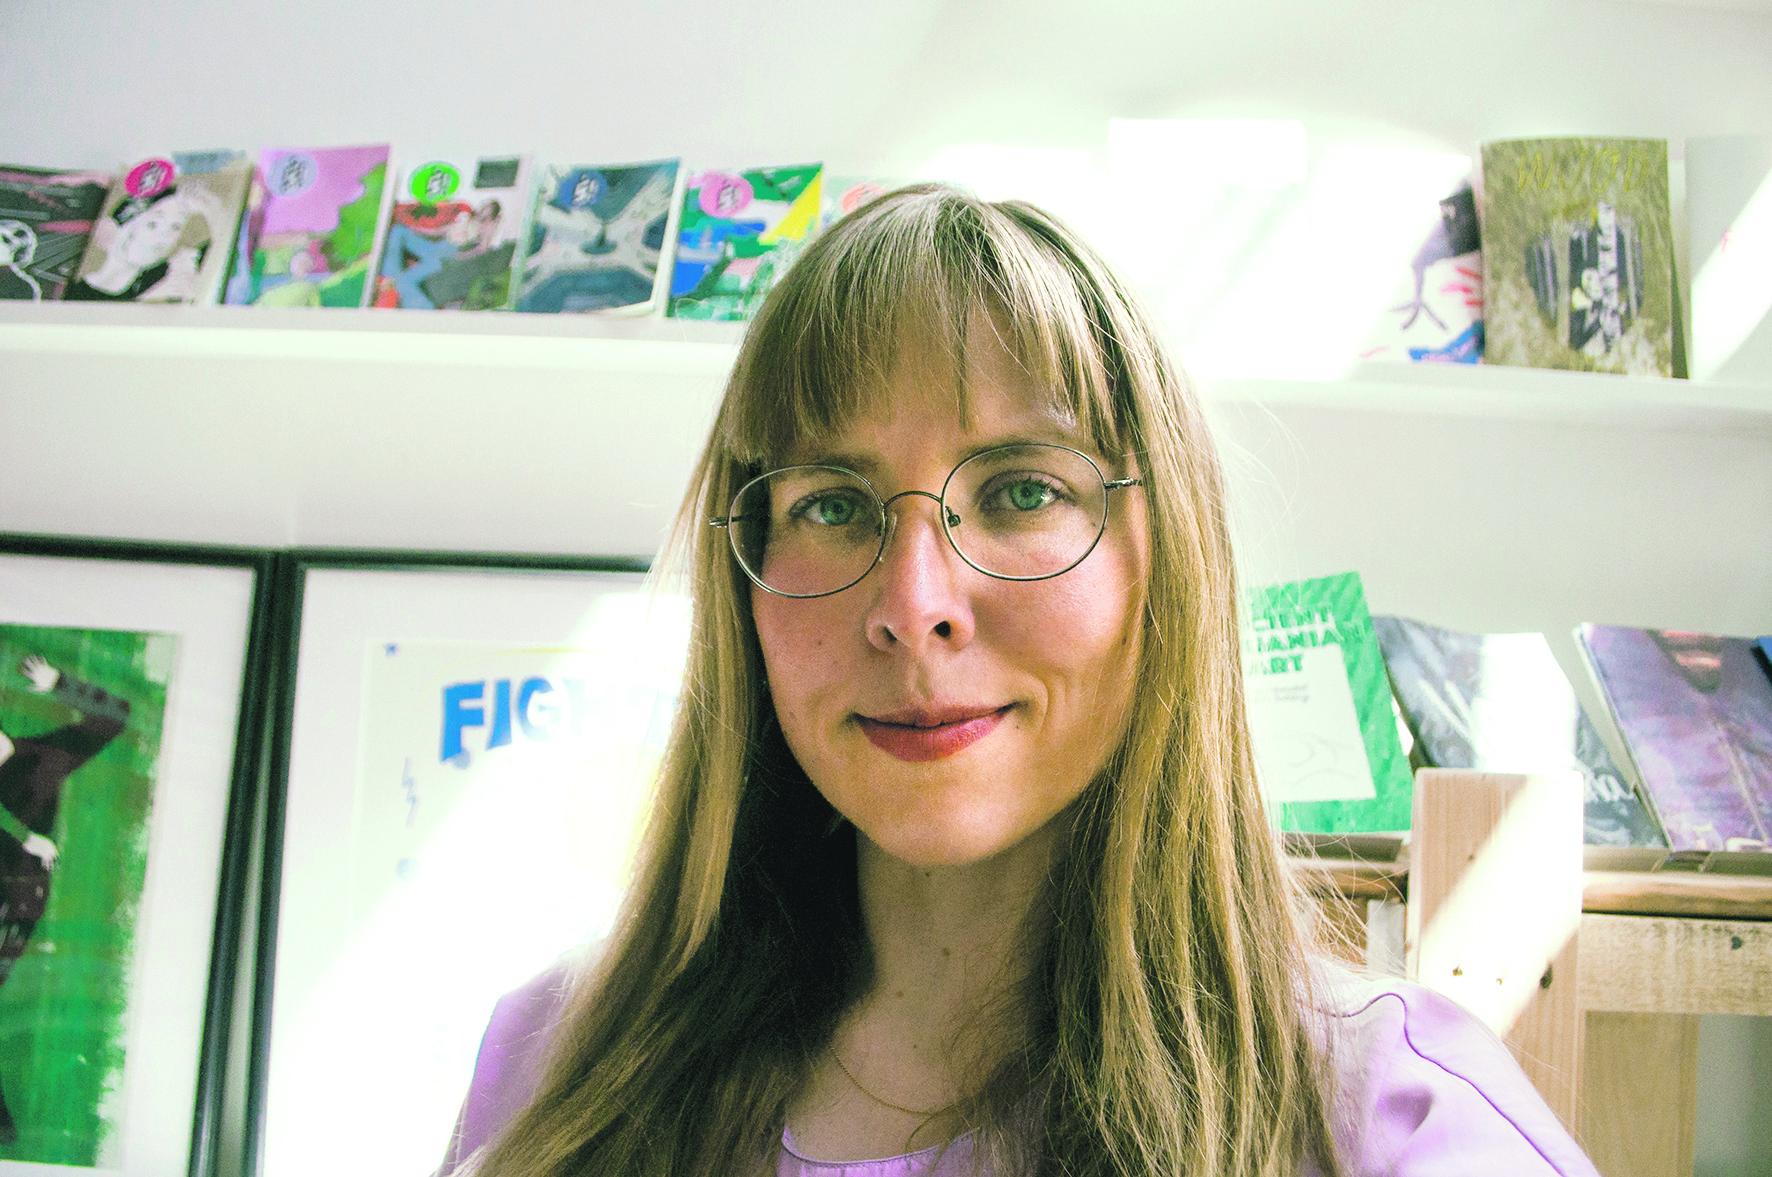 Menininkė Liisa Kruusmägi: menas yra tai, kas padaro tave gyvą